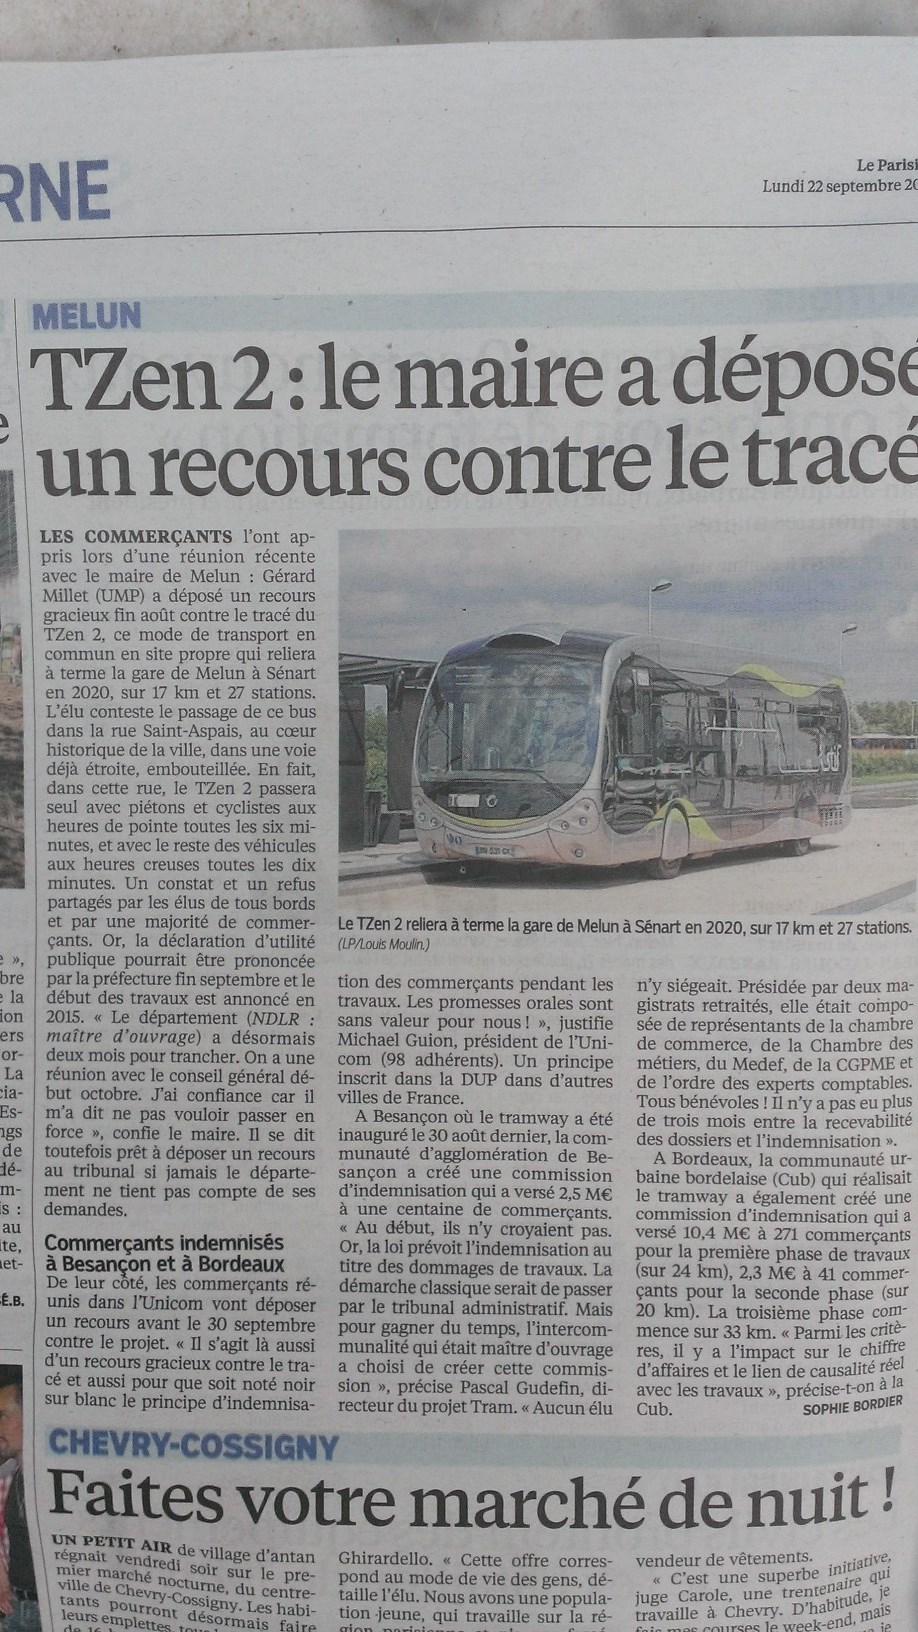 Tzen 2 : le maire a déposé un recours contre le tracé Melun